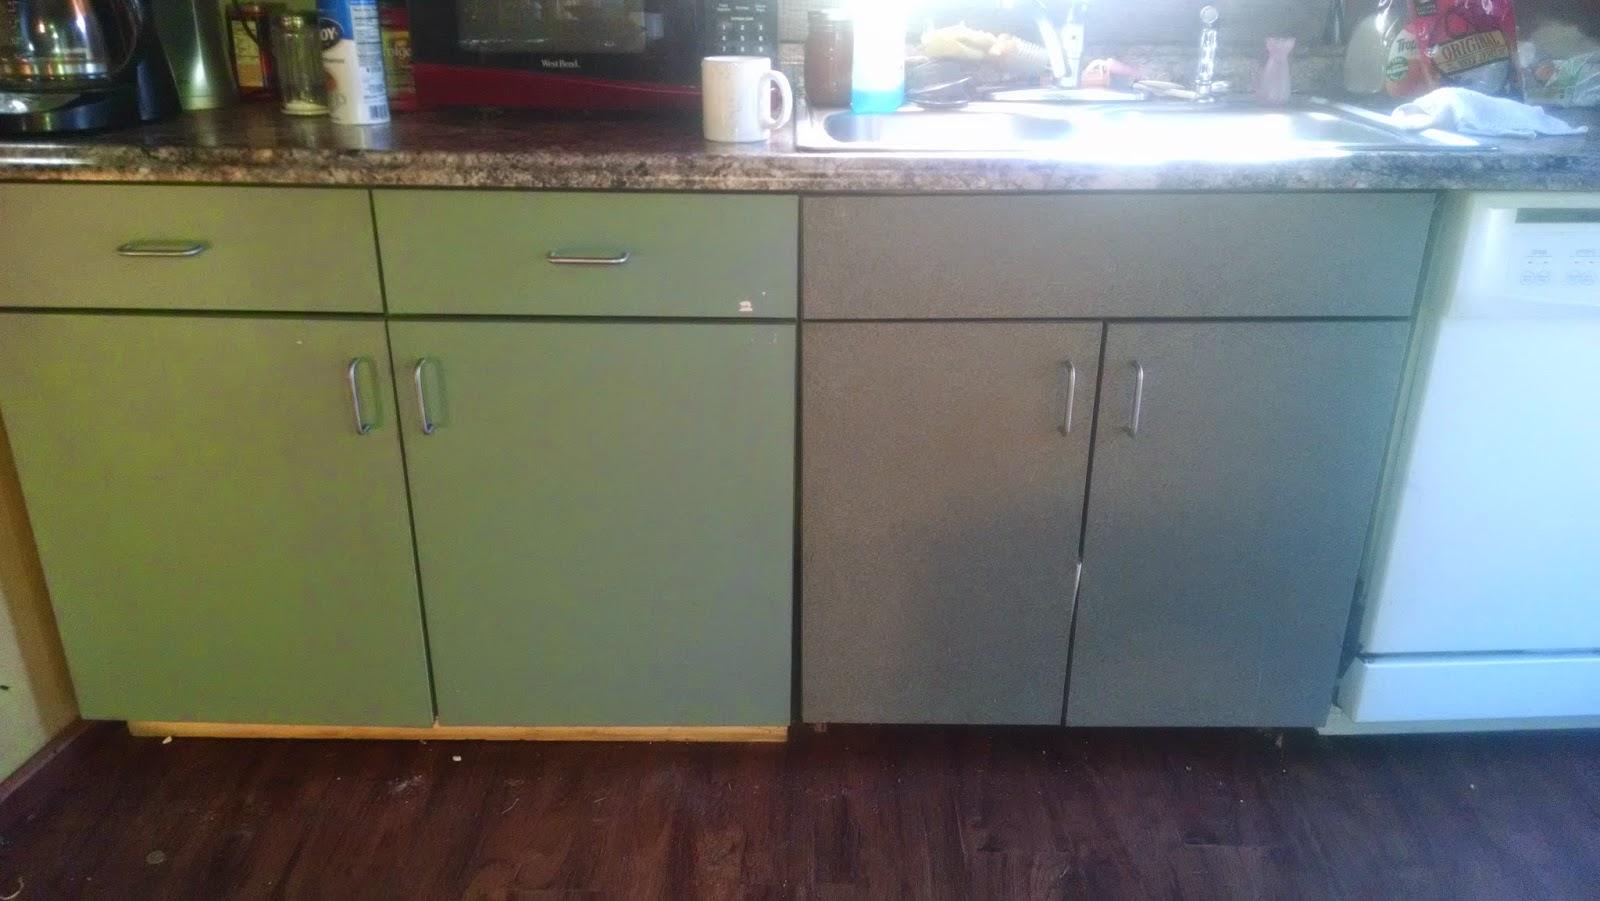 I 4 Details Diy Kitchen Cabinet Makeover Under 40 00